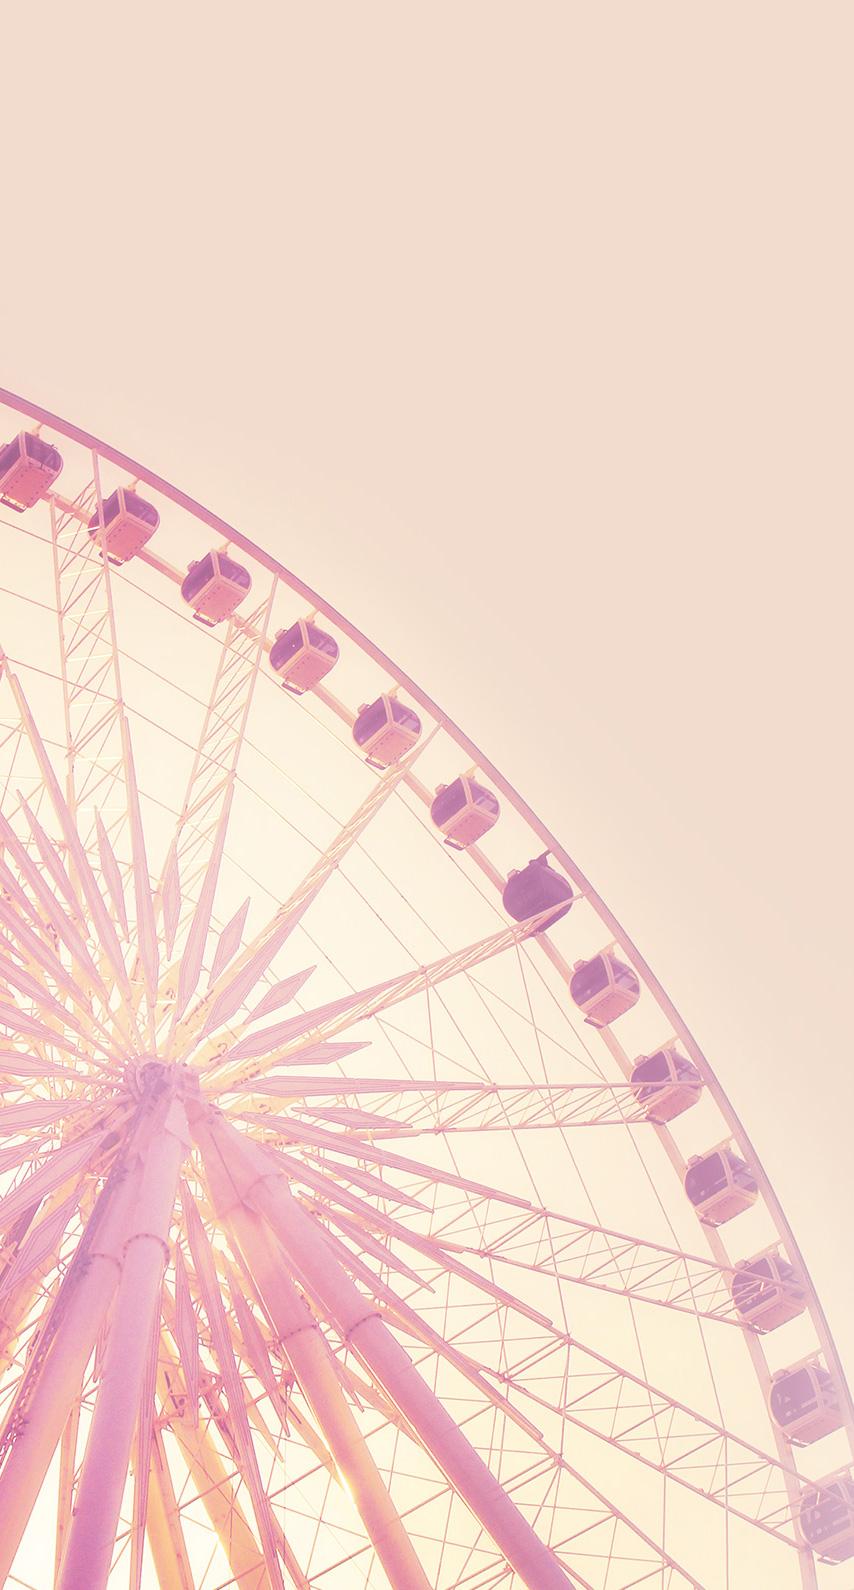 pink, nature, sky, fun